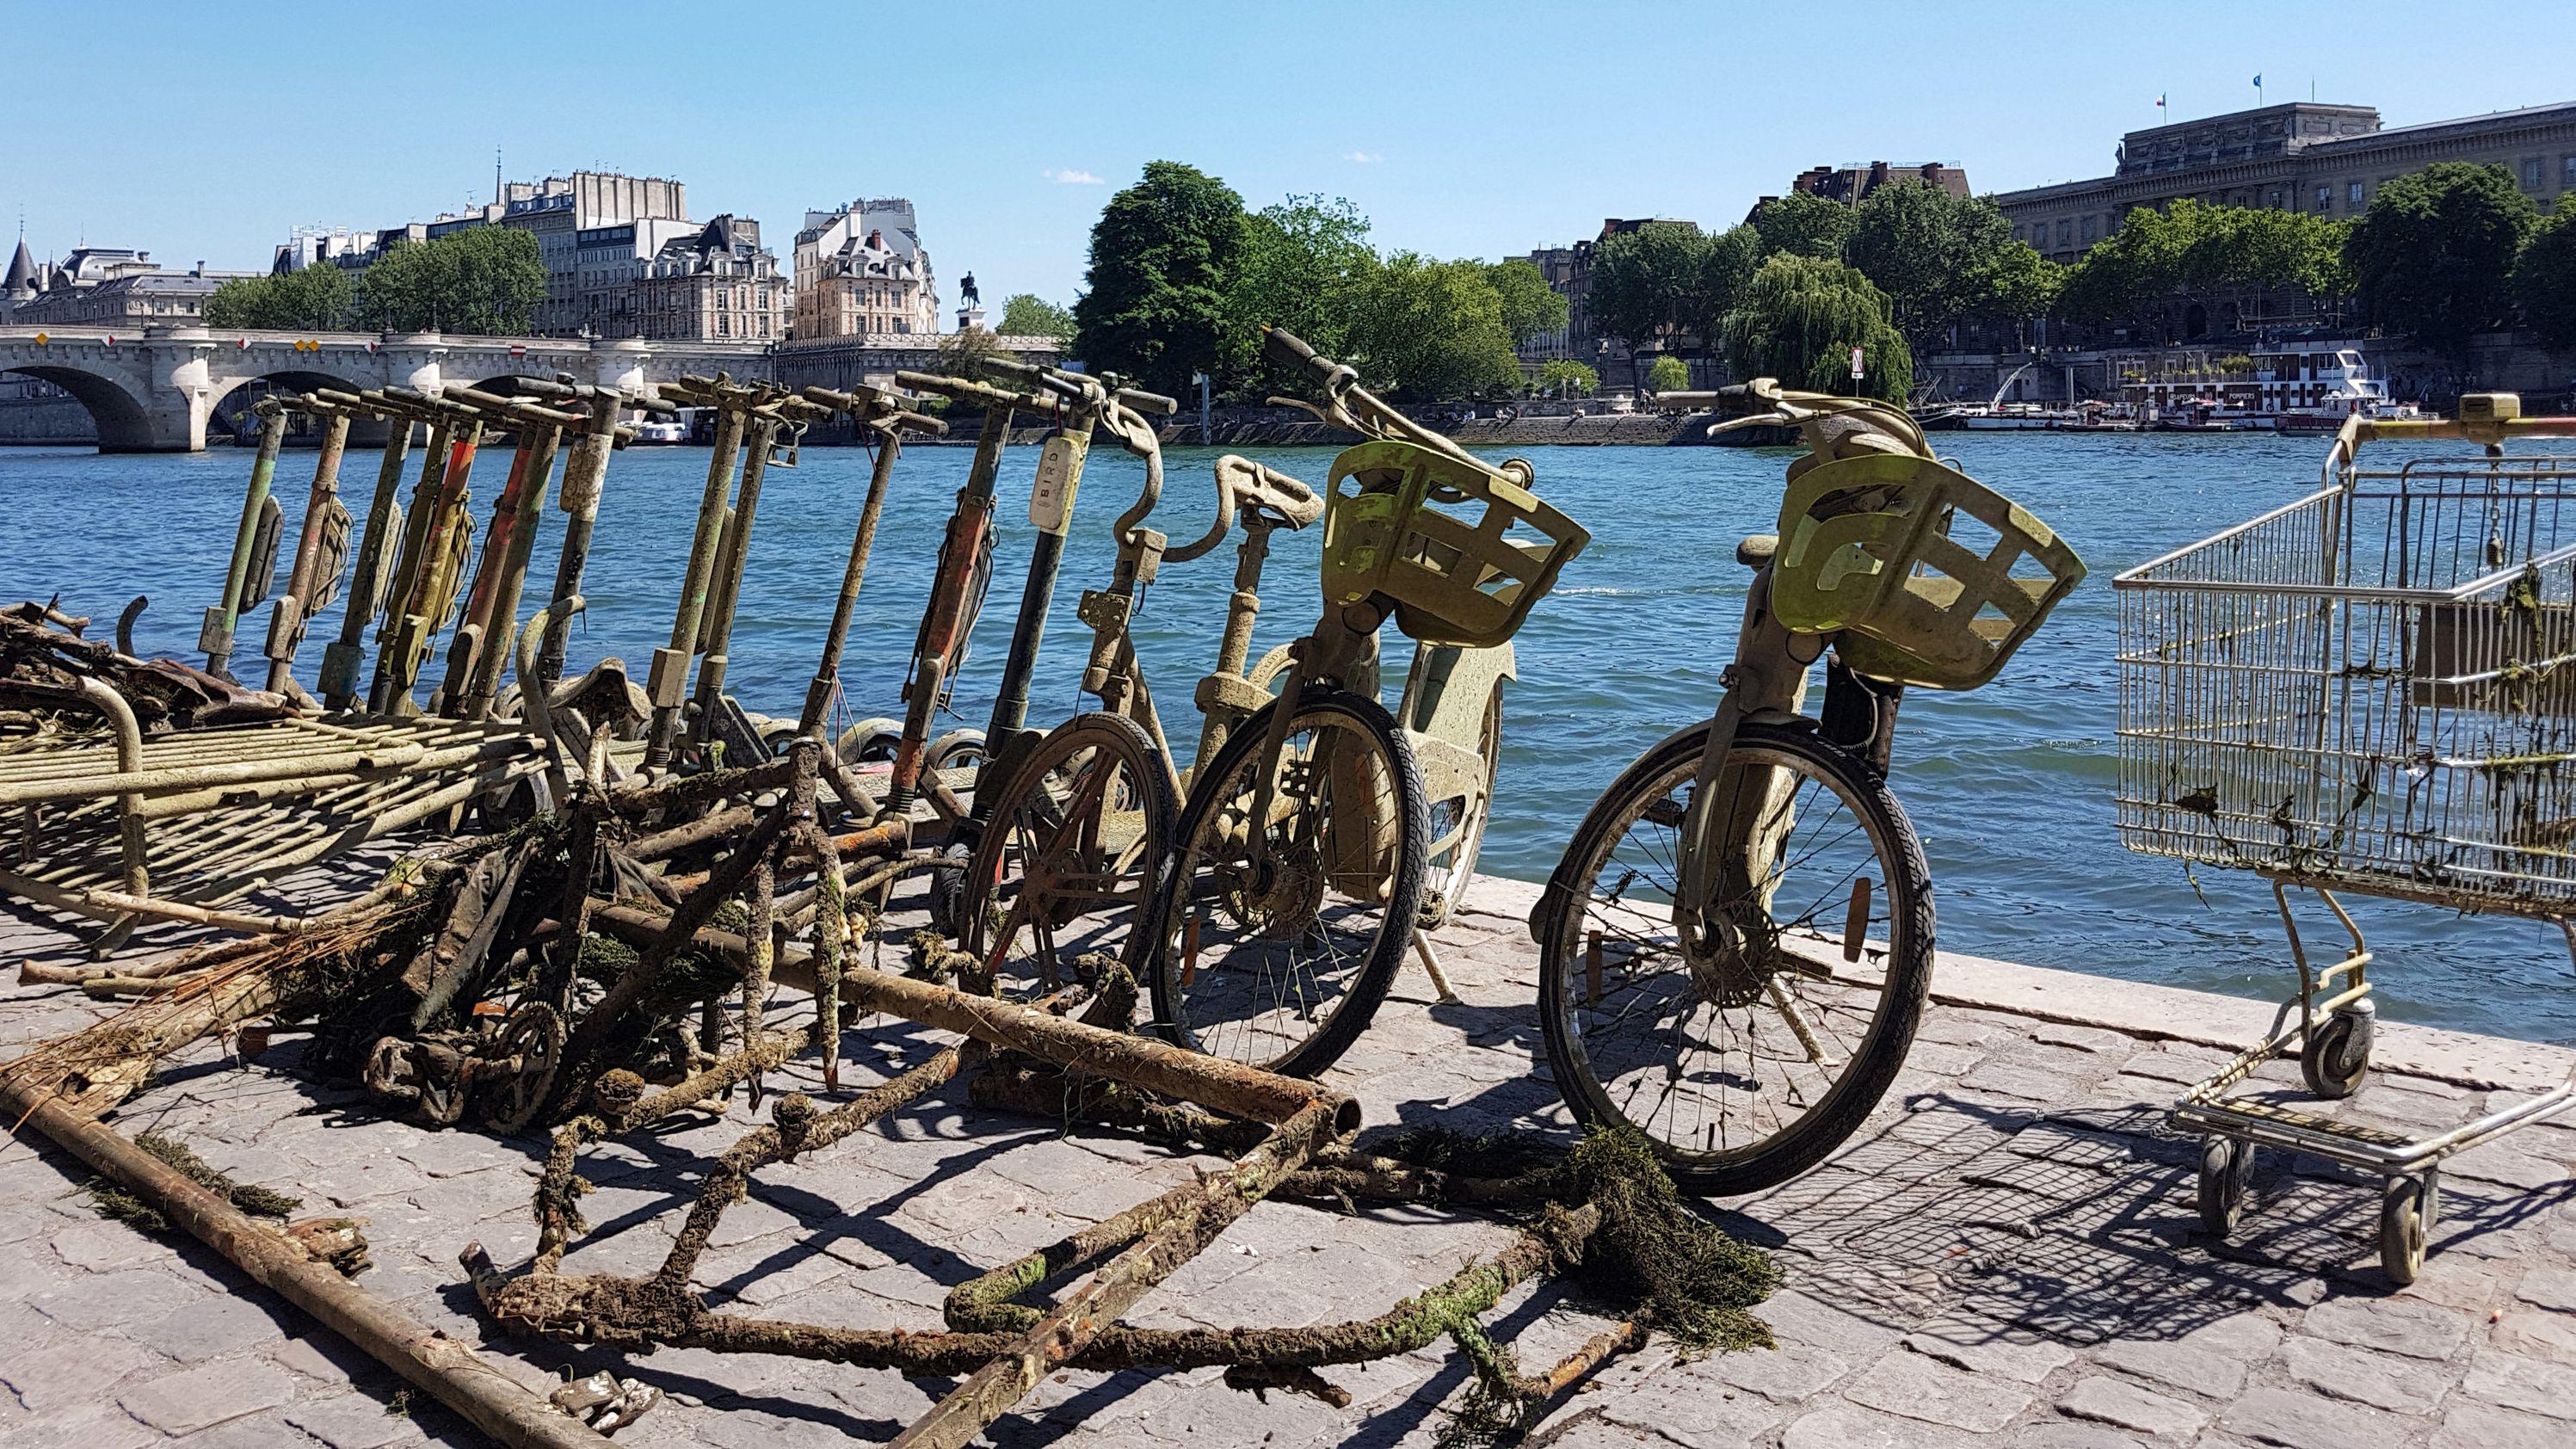 Frankreich, Paris: Aus dem Wasser gefischte Fahrräder, E-Tretroller und ein Einkaufswagen stehen aufgereiht am Ufer der Seine